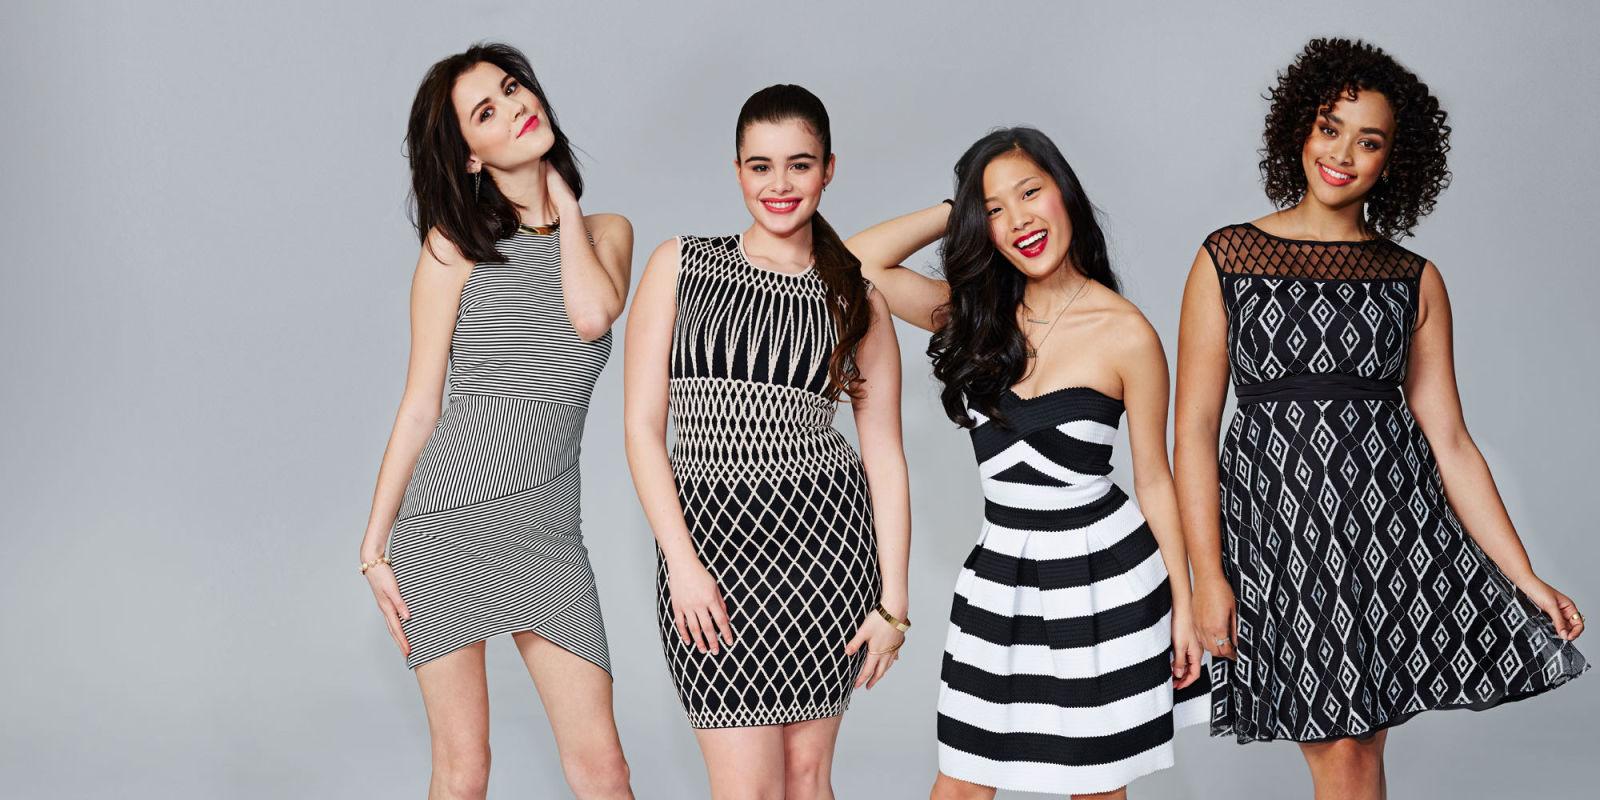 50d9d6c4ace Красивые и стильные платья для девочек-подростков  основные тенденции 2017  года. Модные подростковые платья 2017